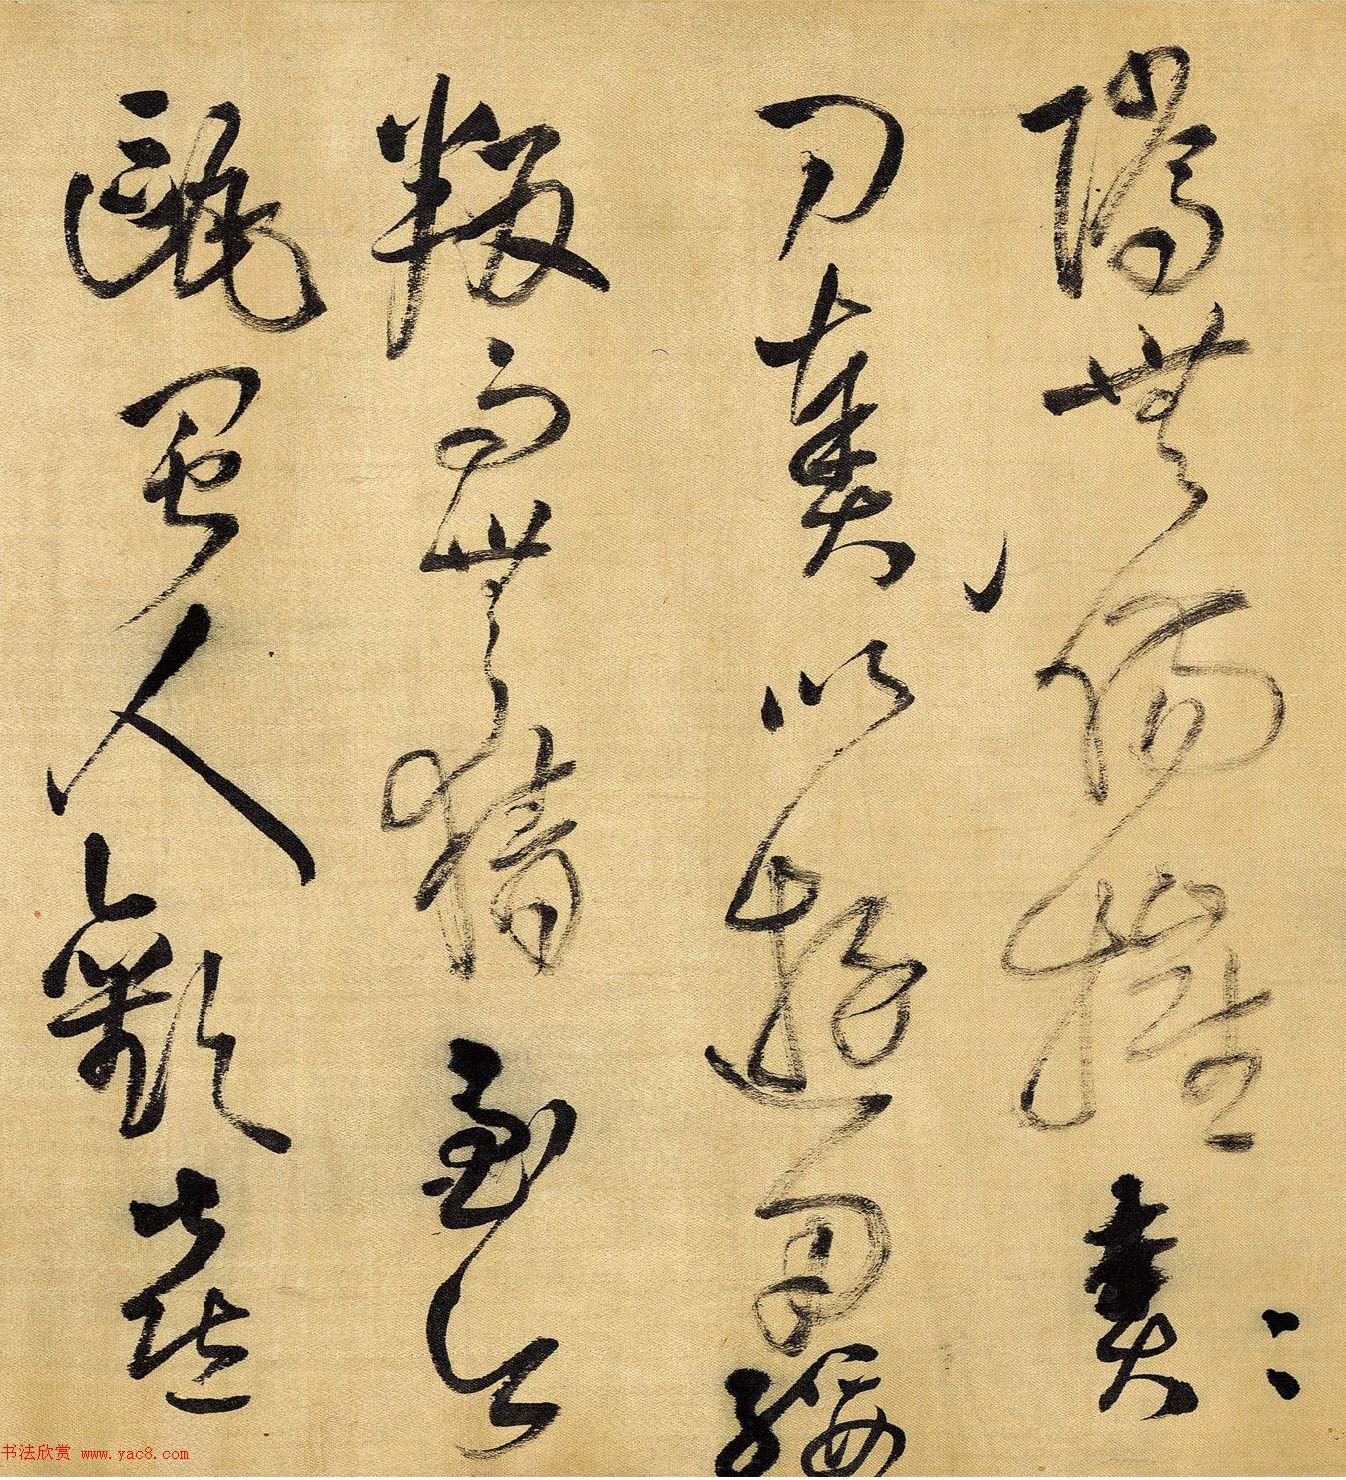 王铎59岁狂草书法《鲁斋歌卷》